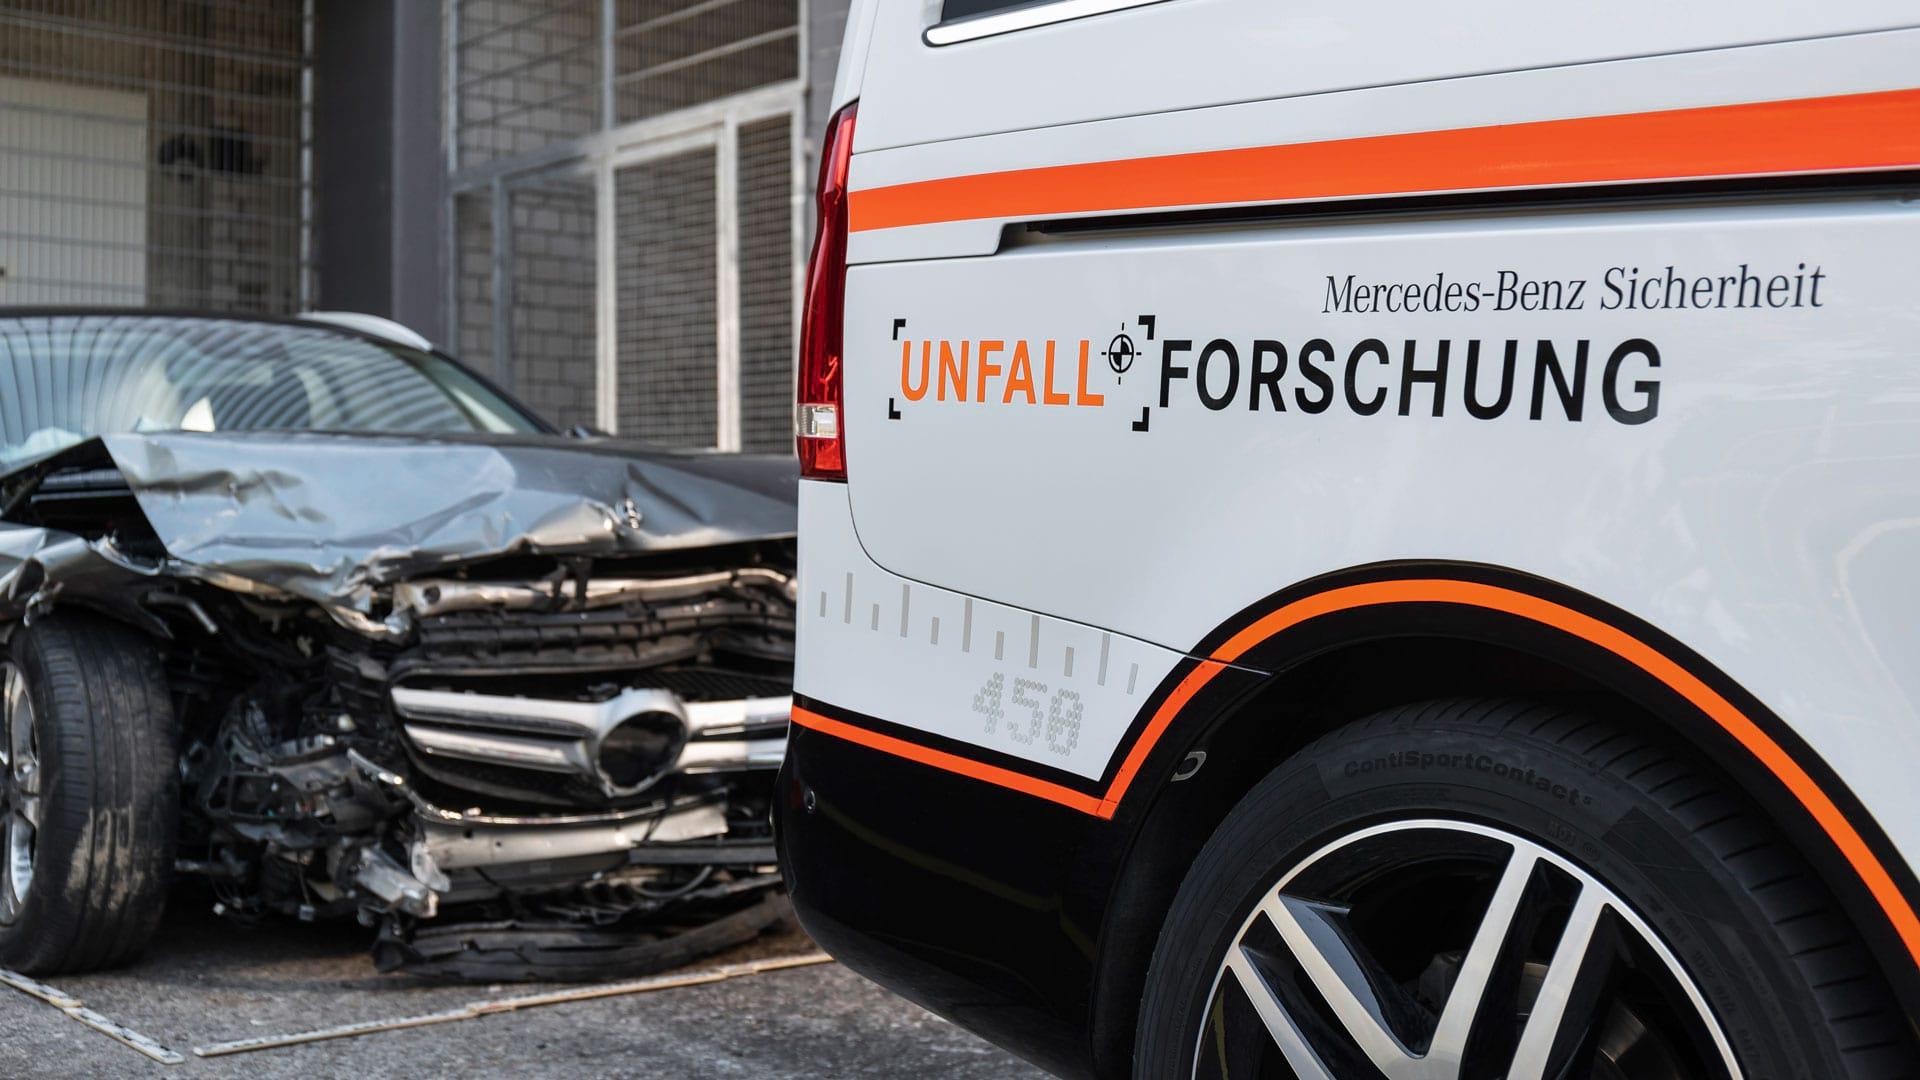 Mercedes–Benz путь к совершенству – 50 лет исследований аварий